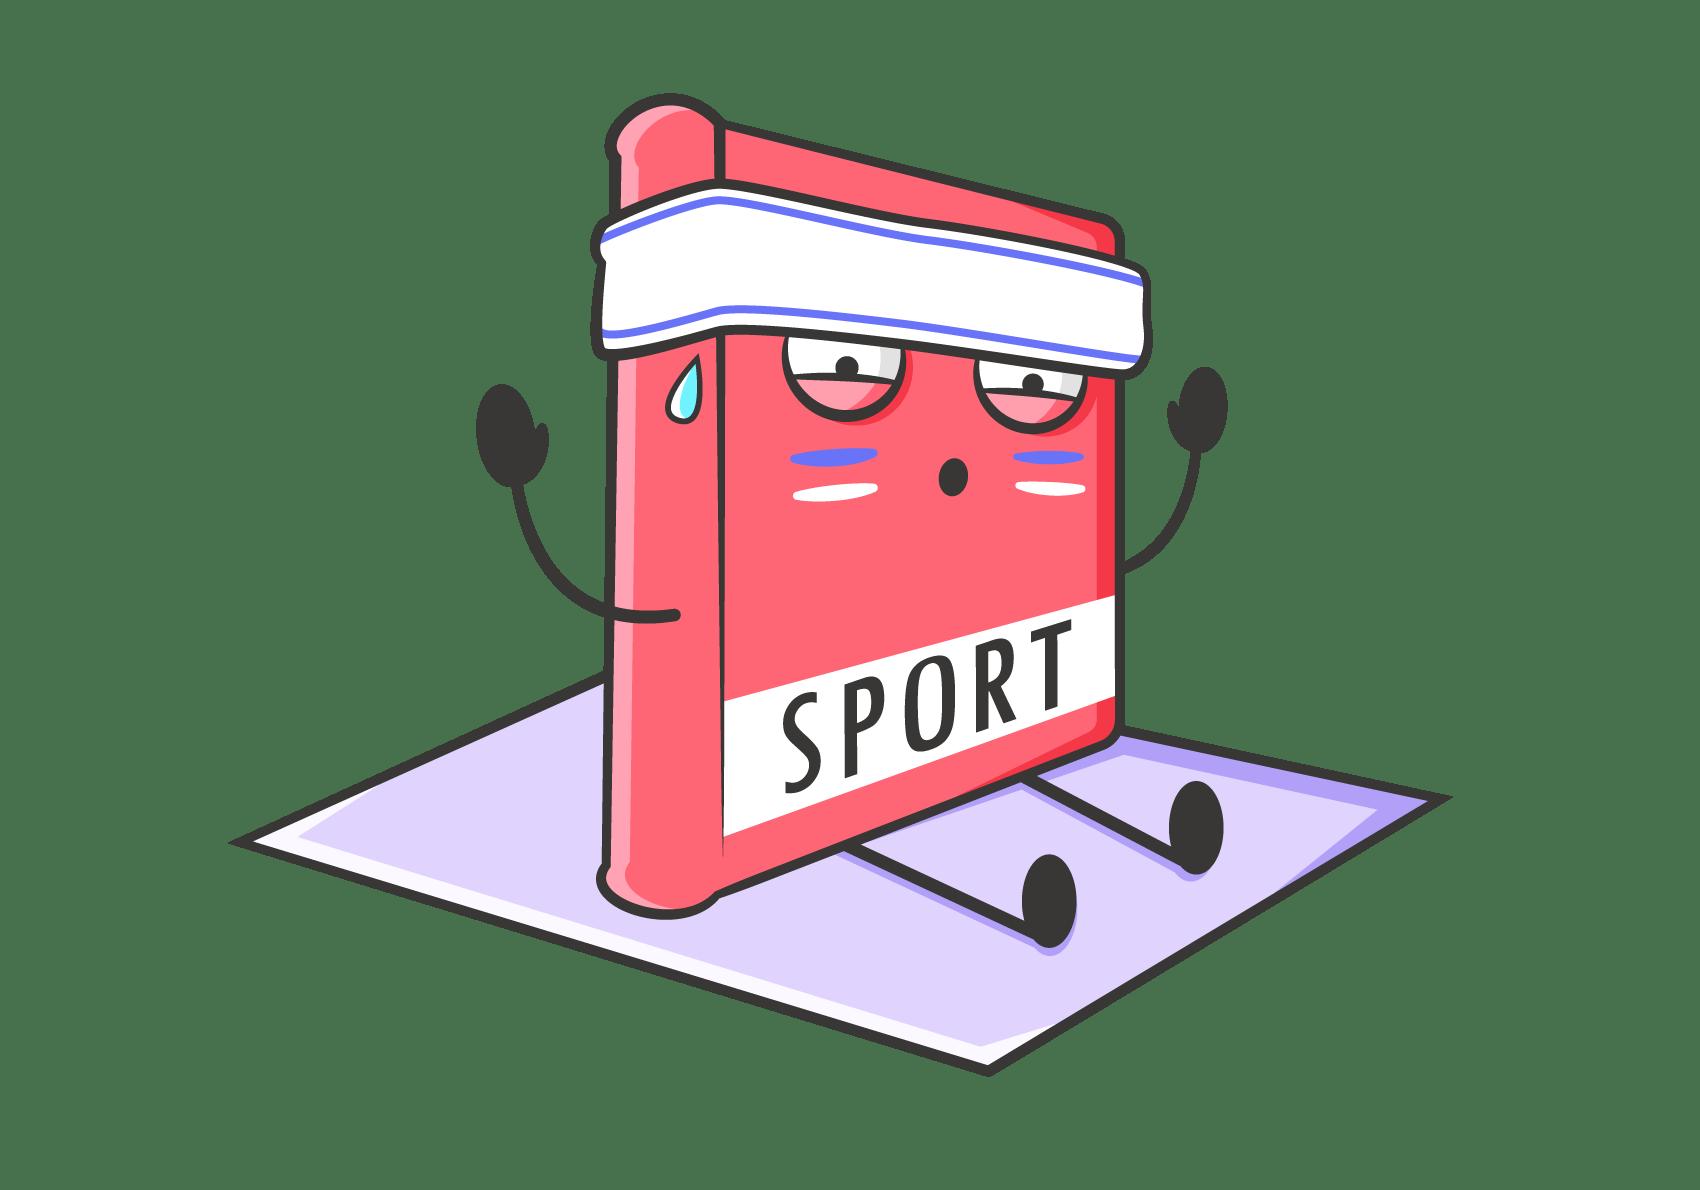 Футбольный термин болеть на английском